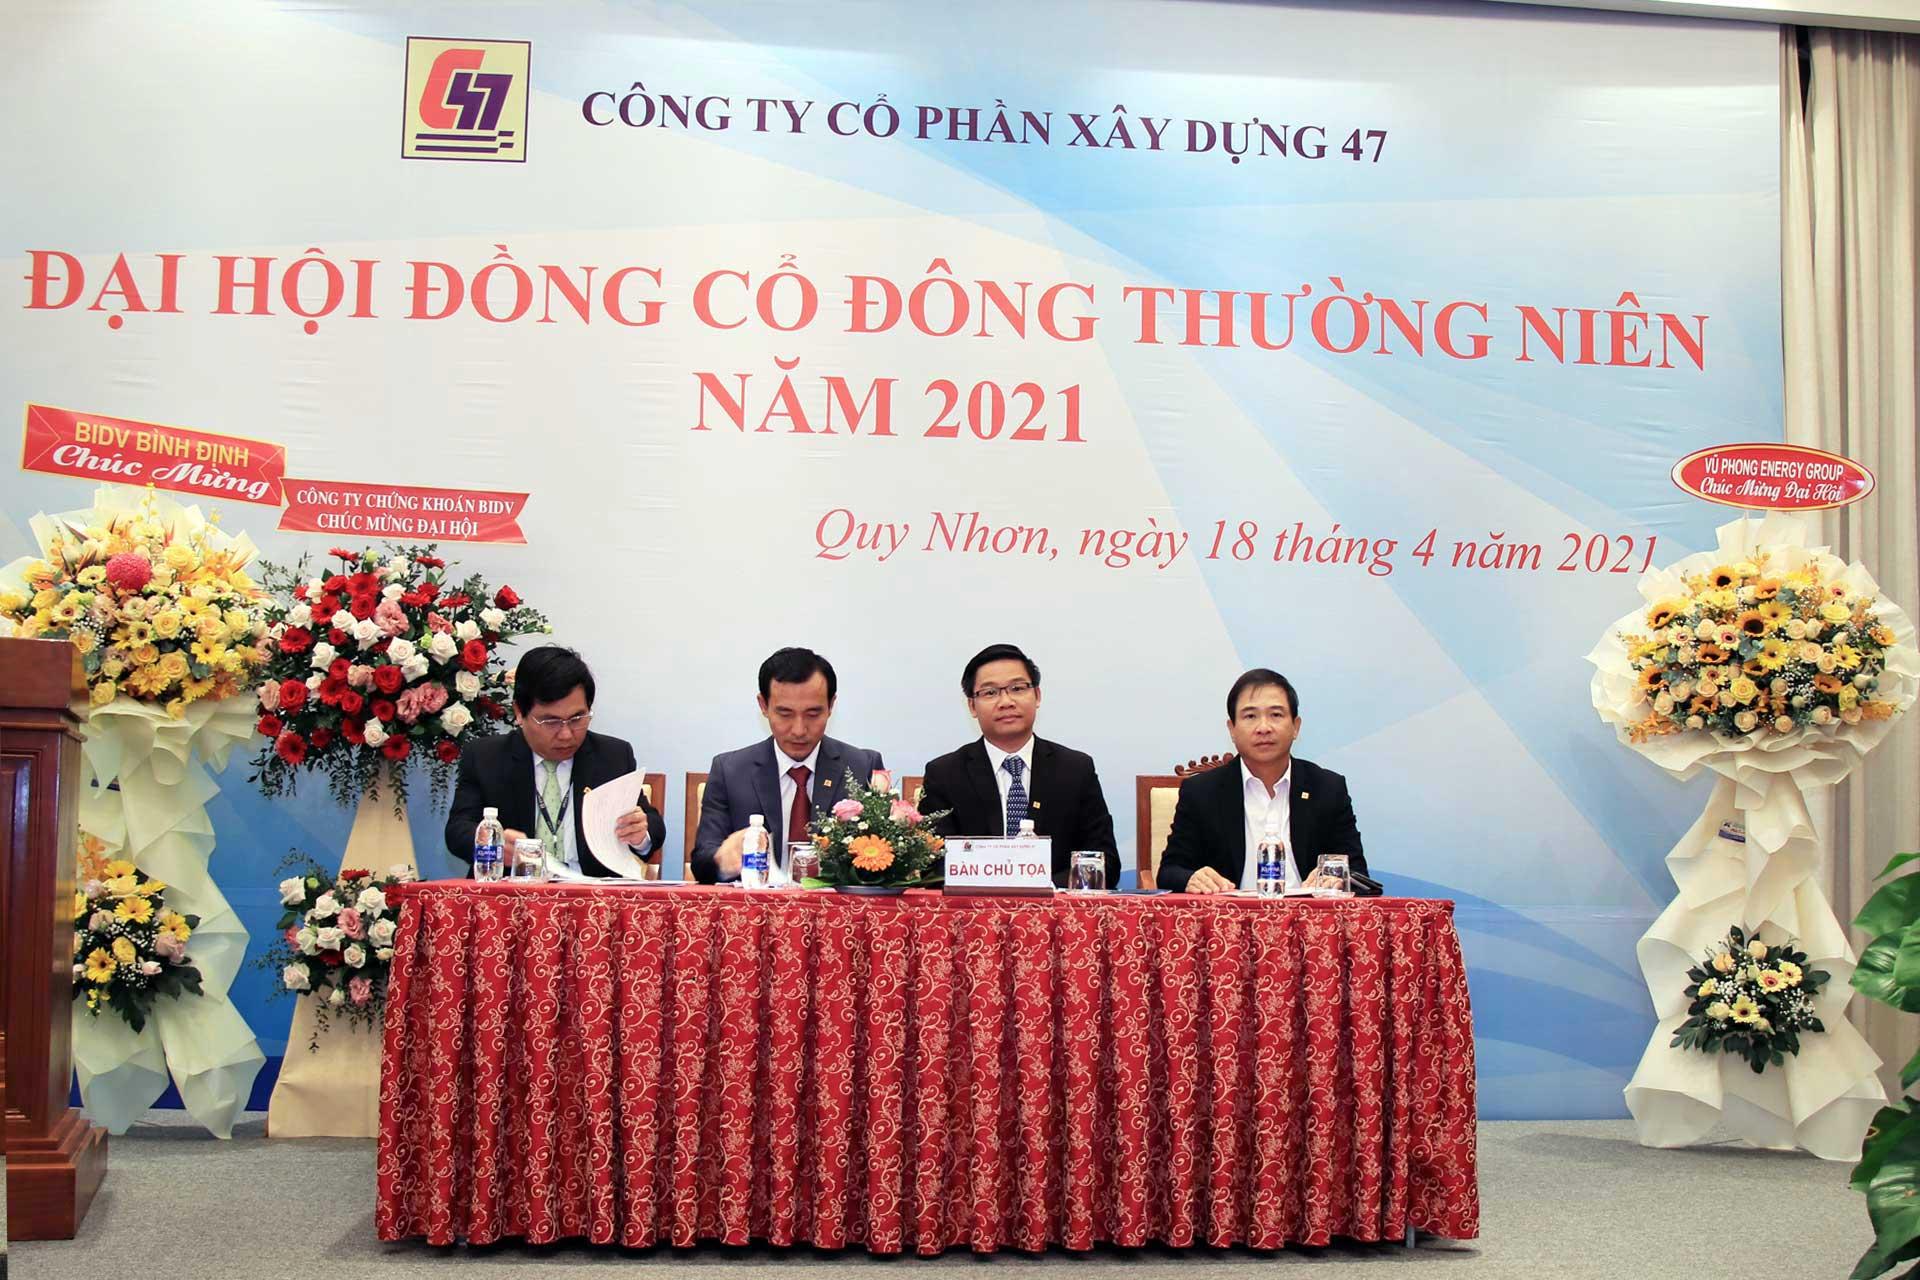 Đại hội đồng cổ đông thường niên năm 2021